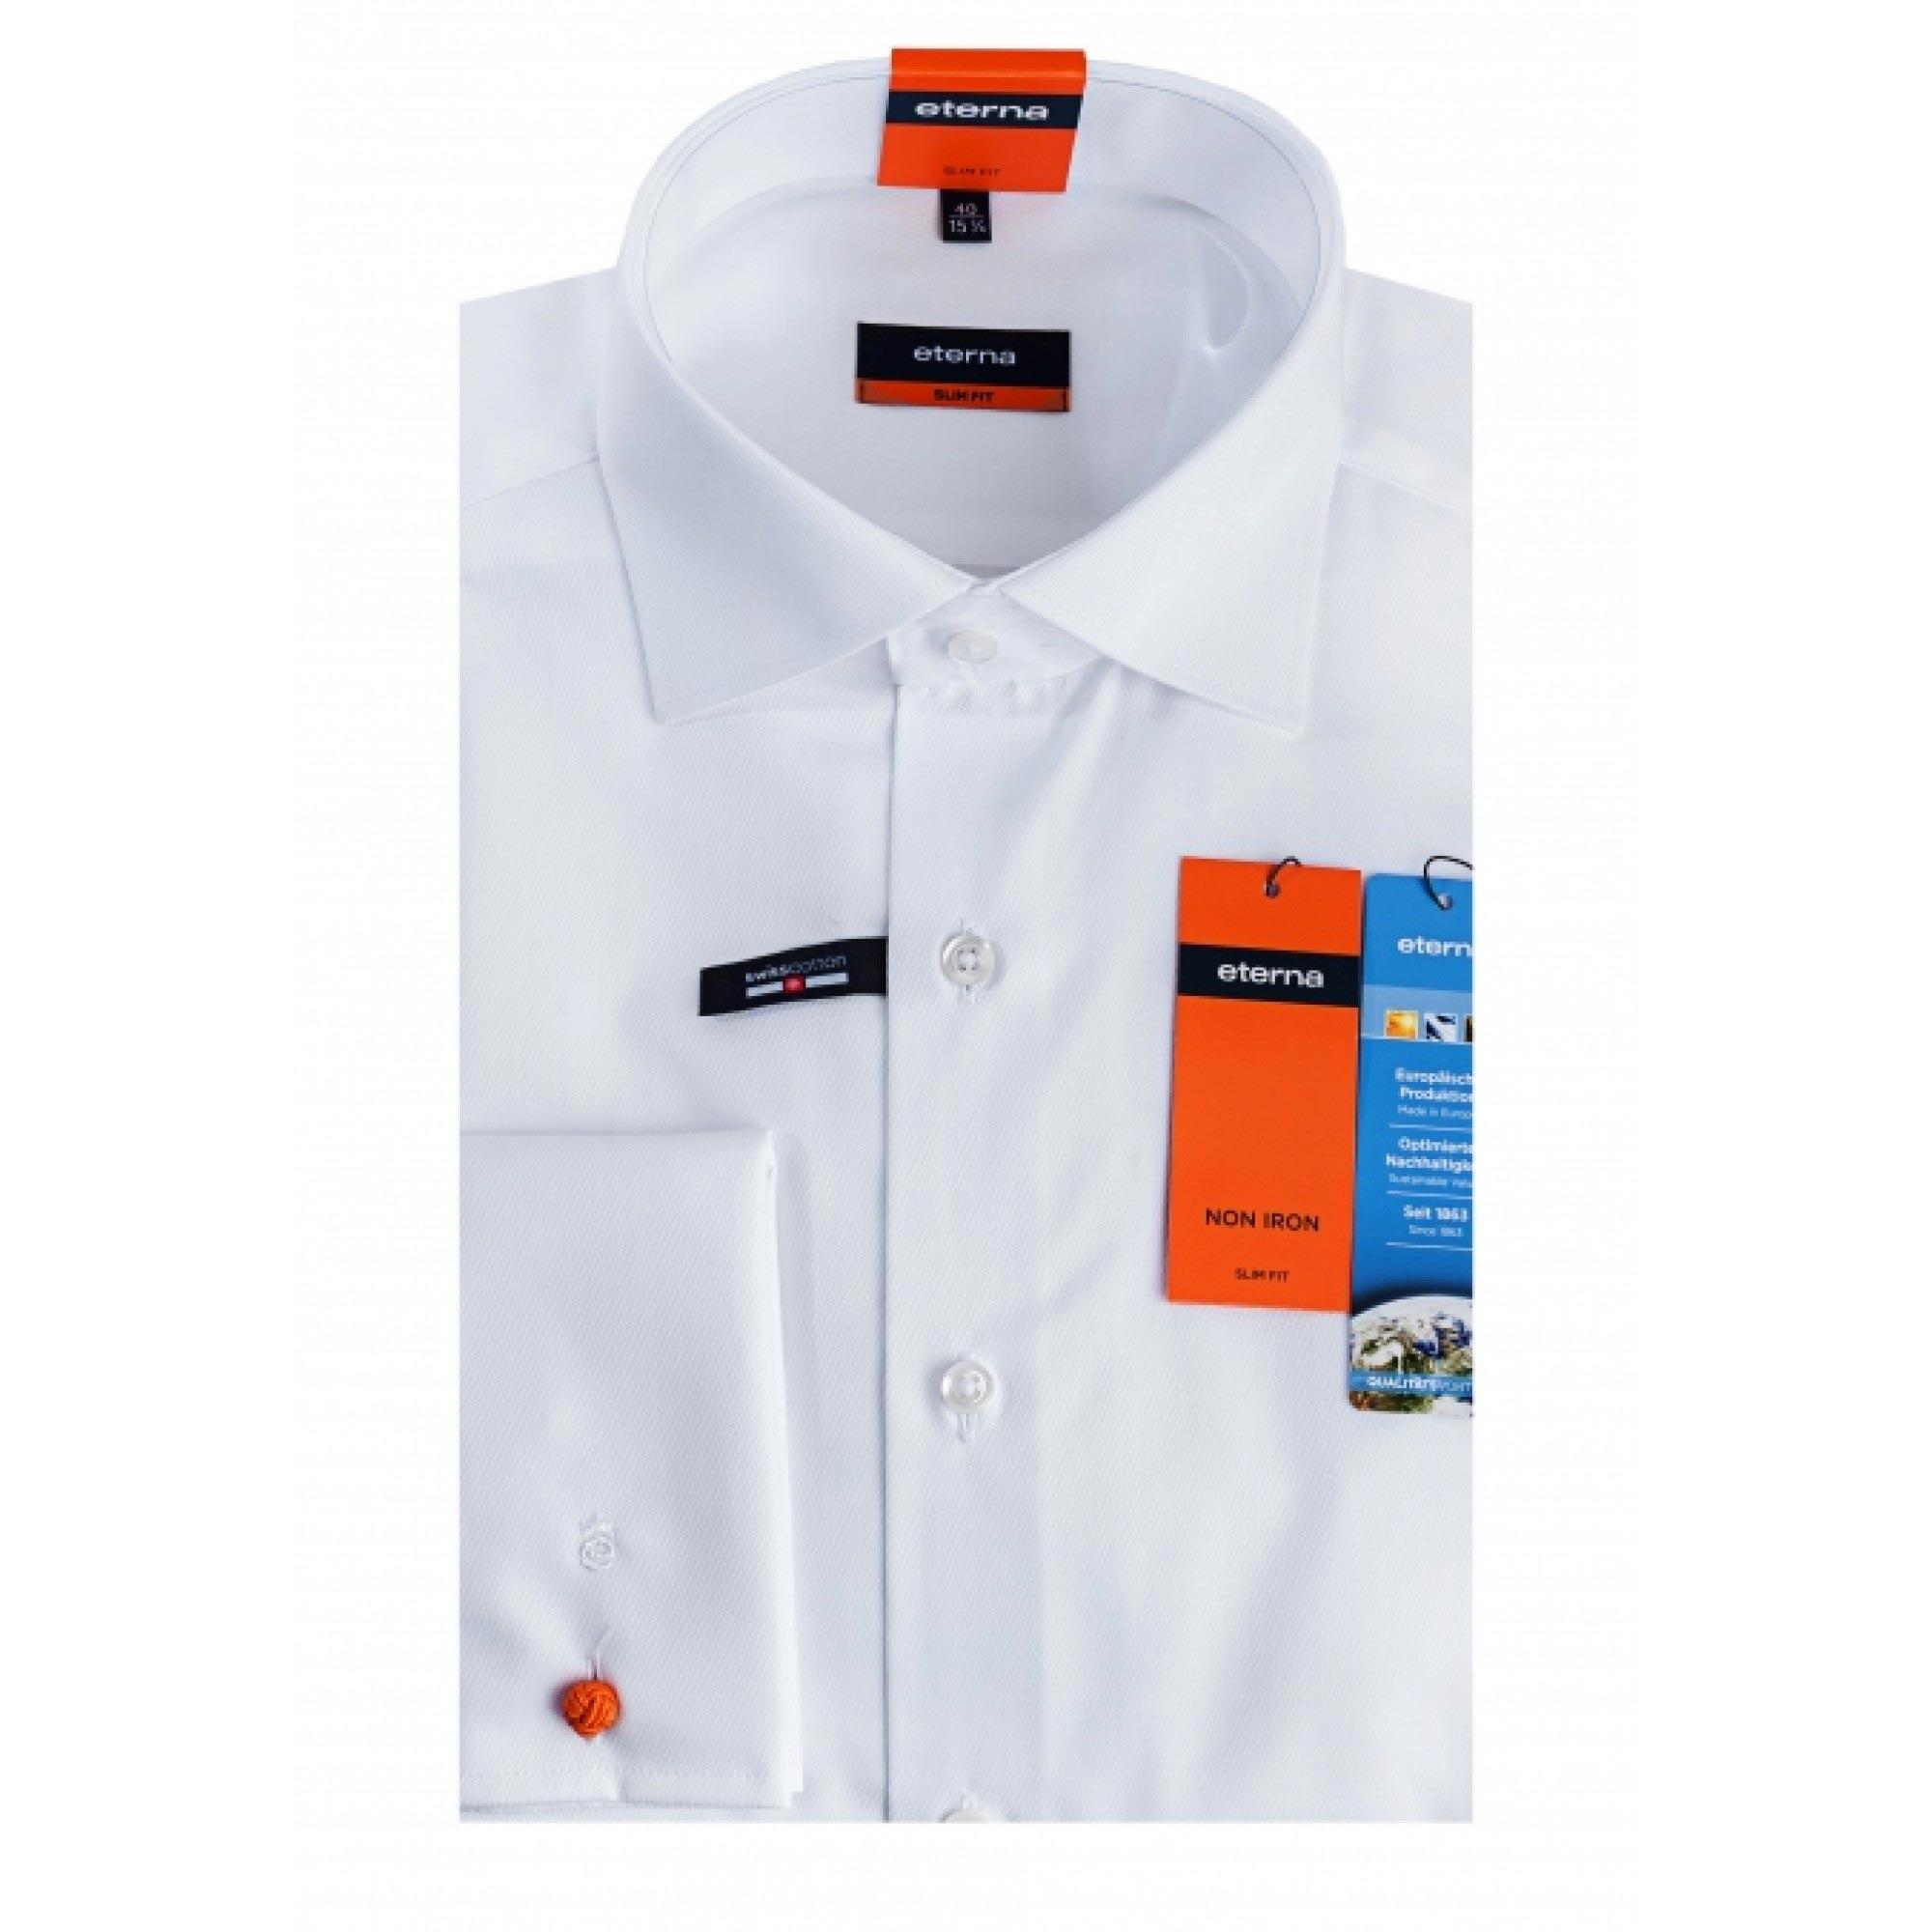 7c124ab8626adf1 Сорочка приталенная (Slim Fit) белая со стандартным рукавом 02-4159 ...